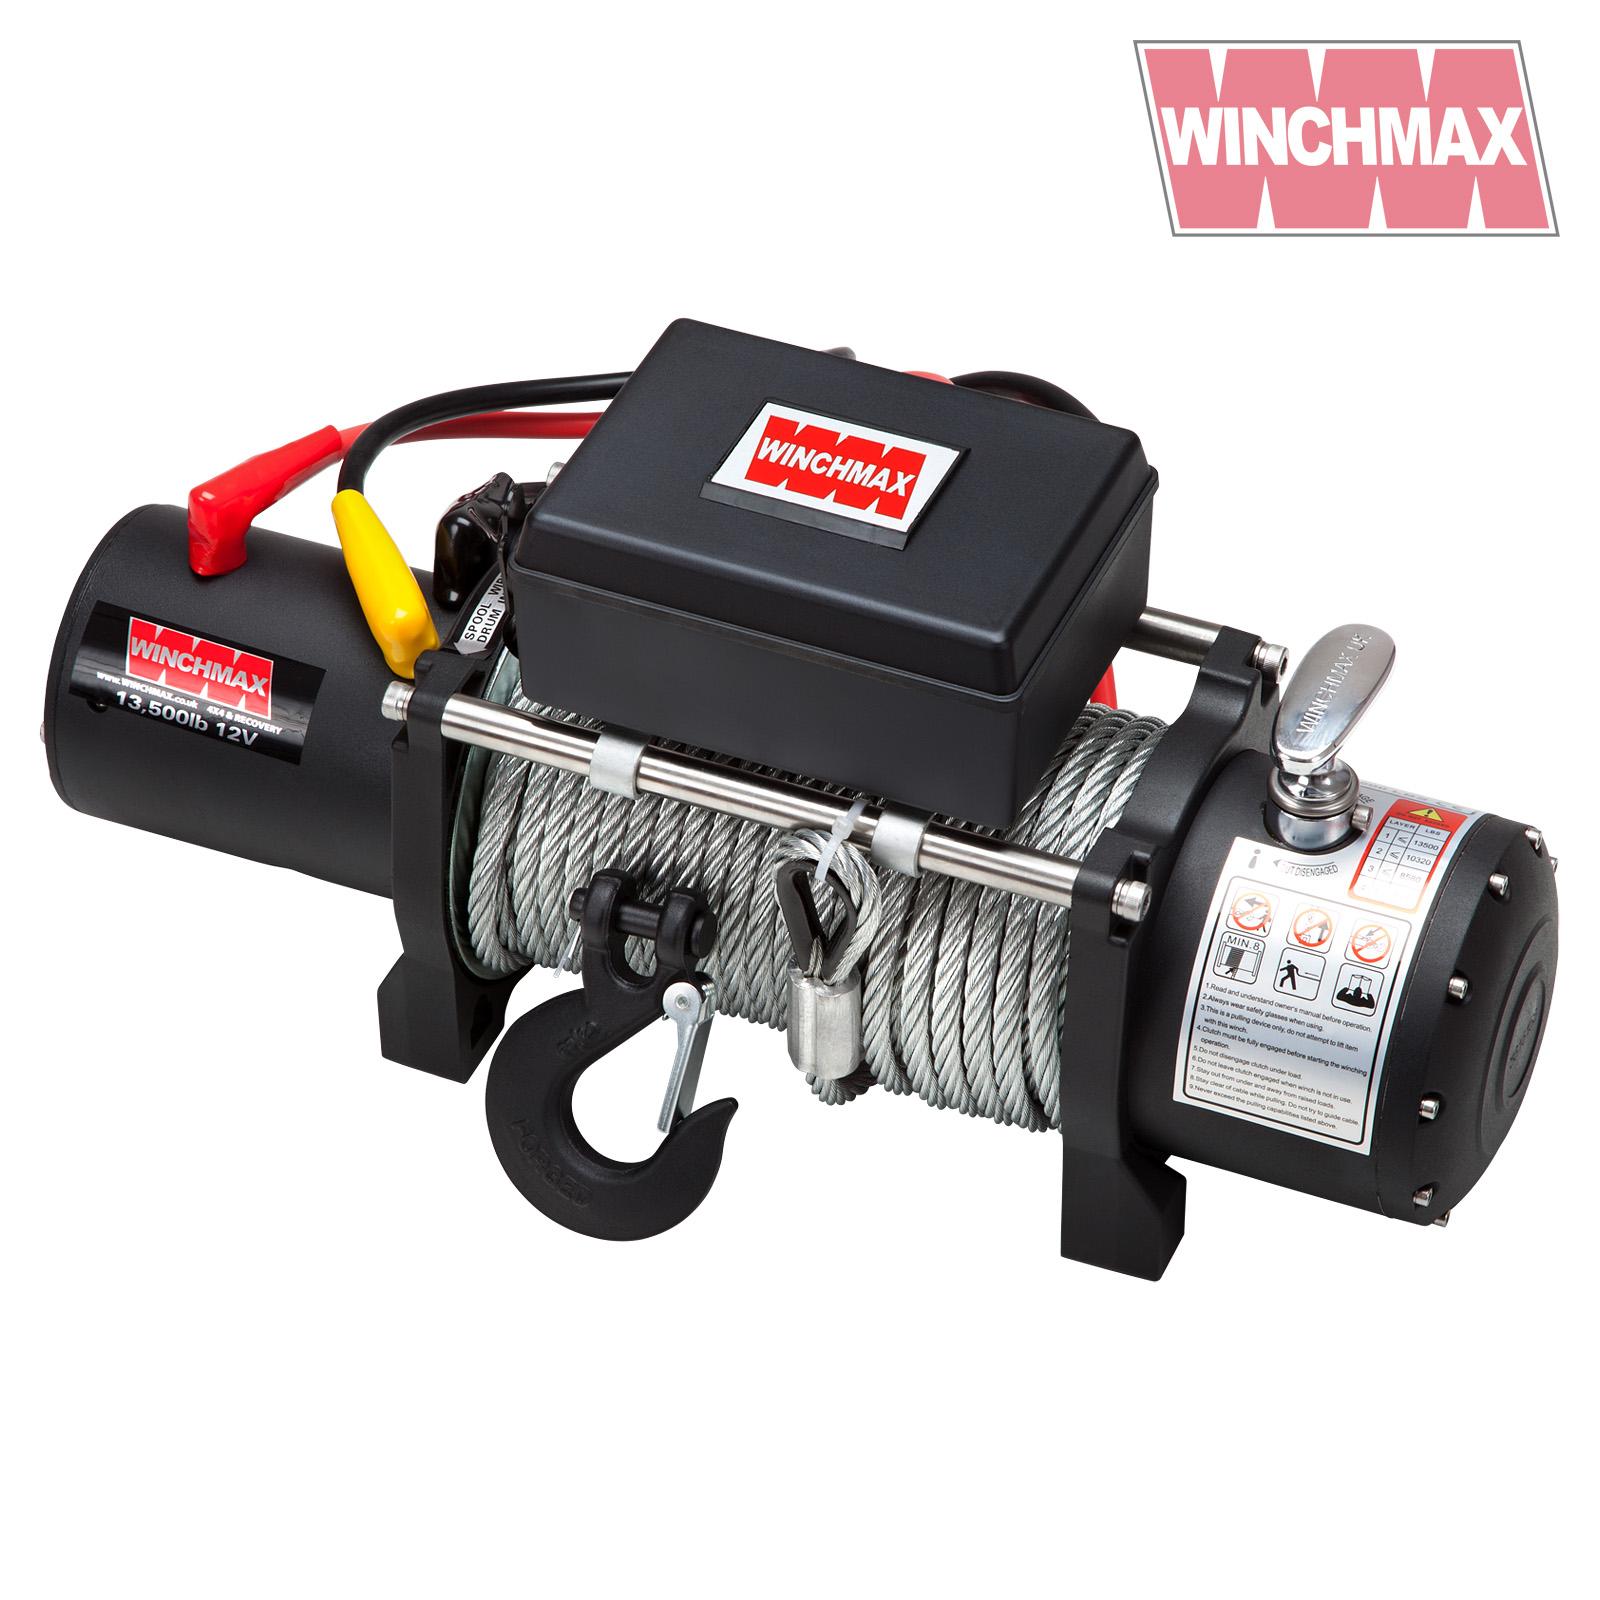 Wm1300012vmil winchmax 186